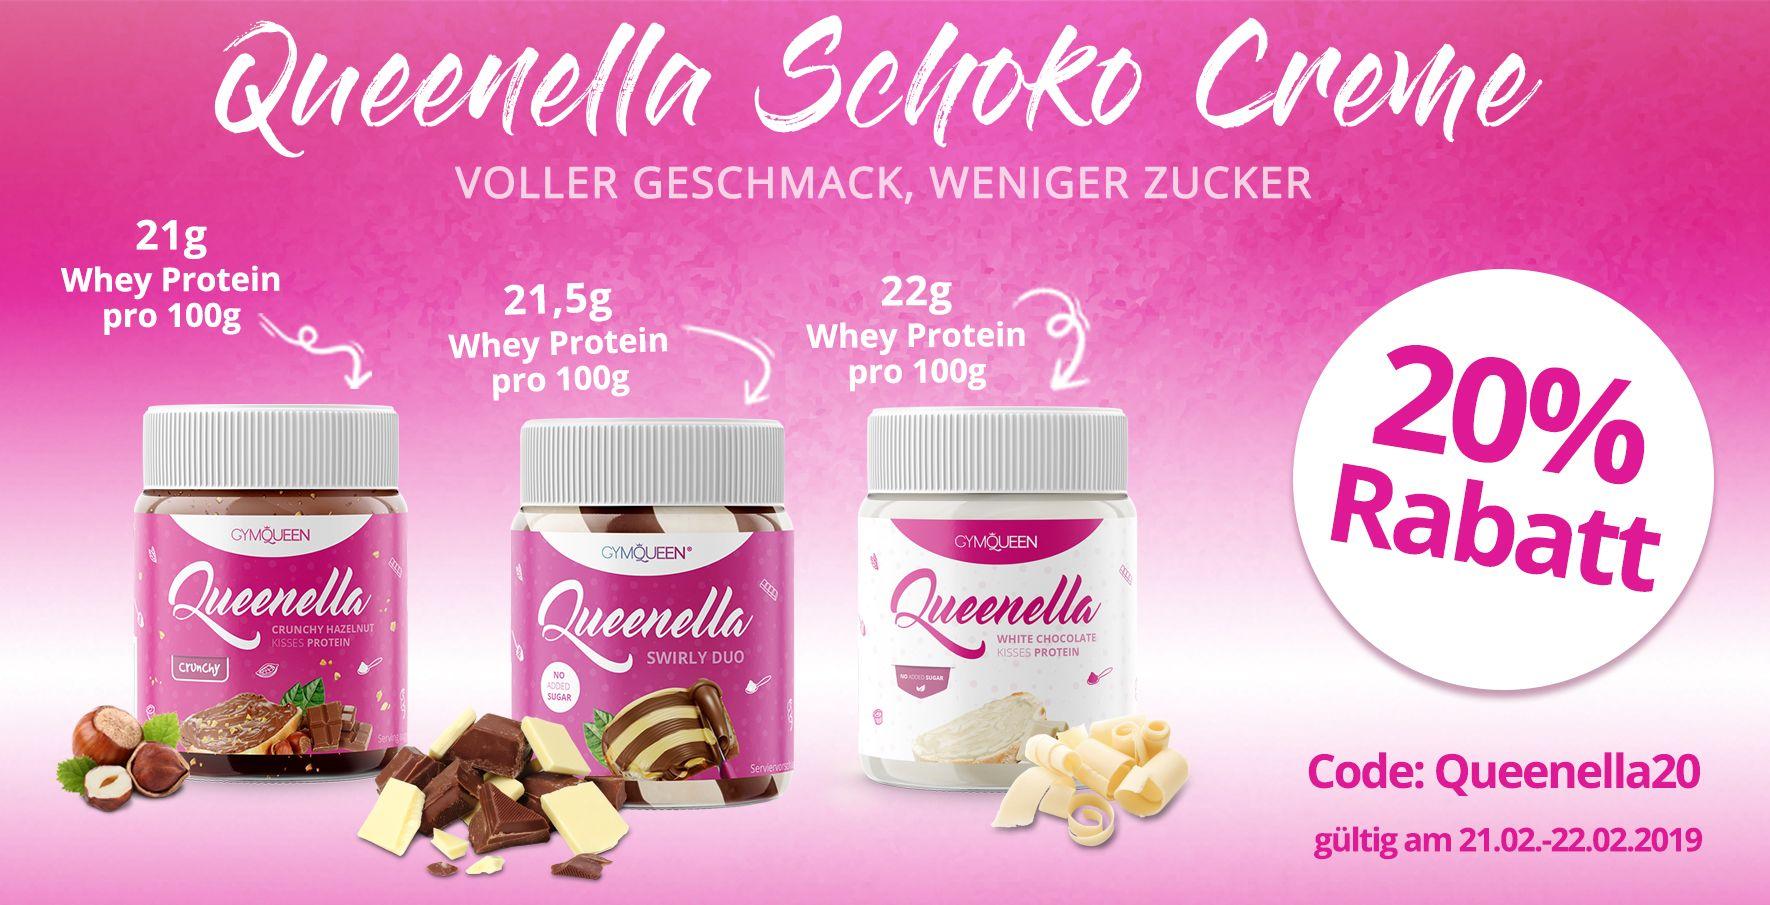 Entdecke die Queenella Schoko Cremes mit vollem Geschmack, aber weniger Zucker. Nur am 21.  und 22. Februar erhältst du auf die Sorten Crunchy Hazelnut, Swirly Duo und White Chocolate 20% Rabatt mit dem Gutscheincode Queenella20.